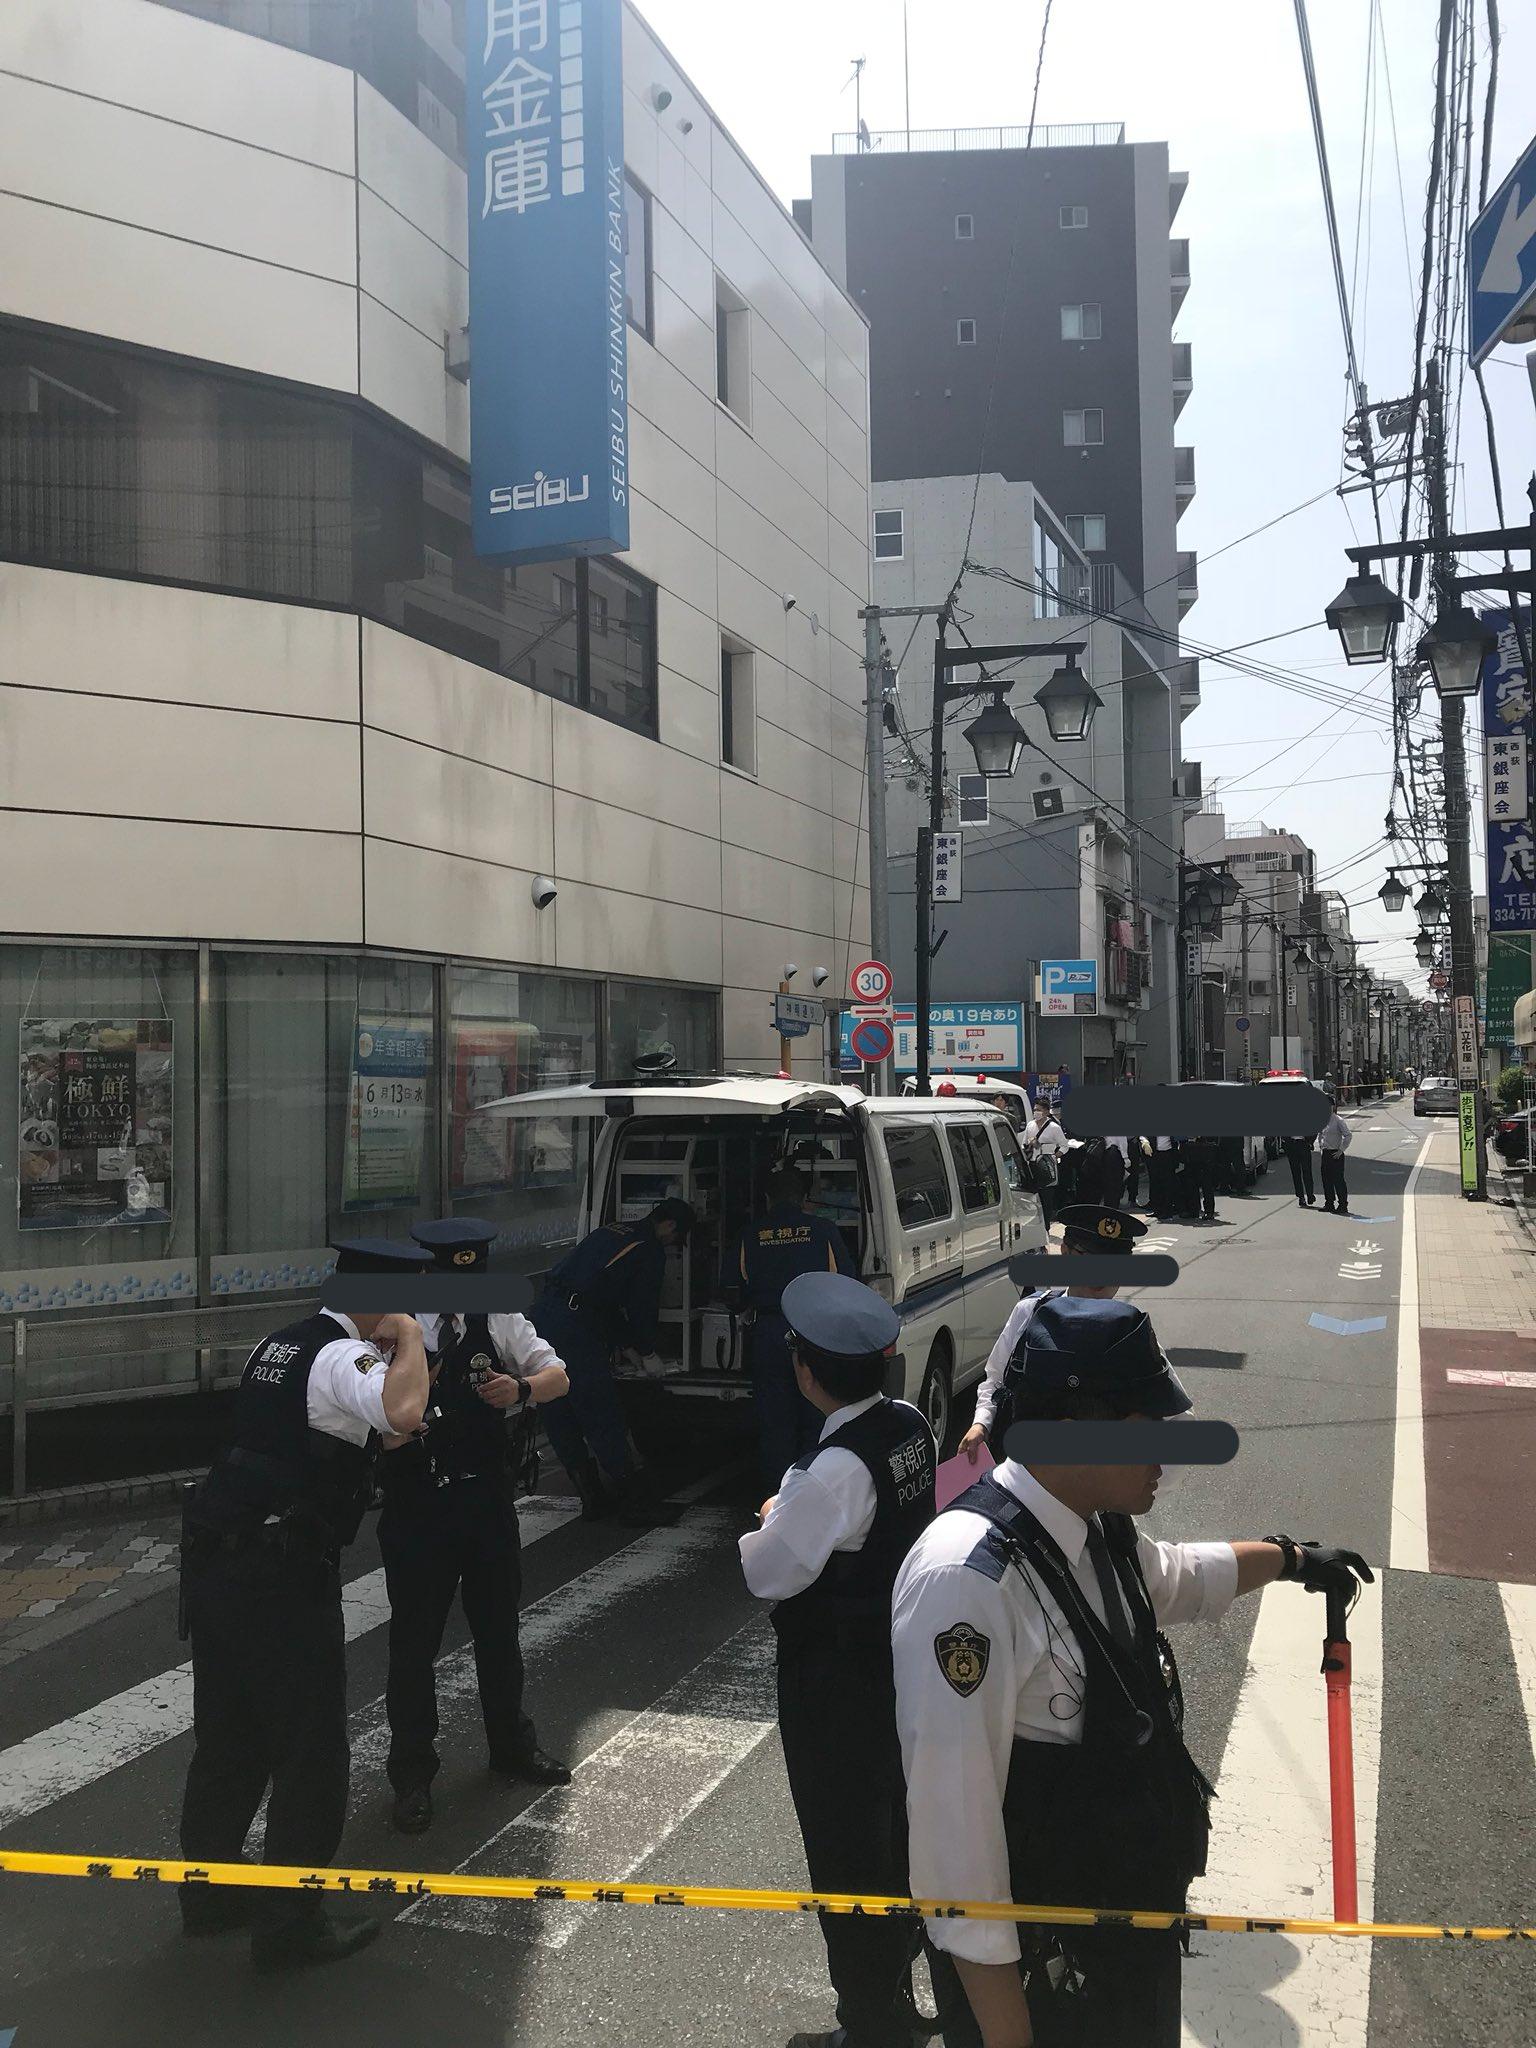 画像,【強盗なう】西荻窪の信用金庫で強盗なうでここの通りは通行止めです。覆面パトカーもいっぱい。警察の人に「まだやってますか?」って聞いたら「まだやってます笑」って笑…